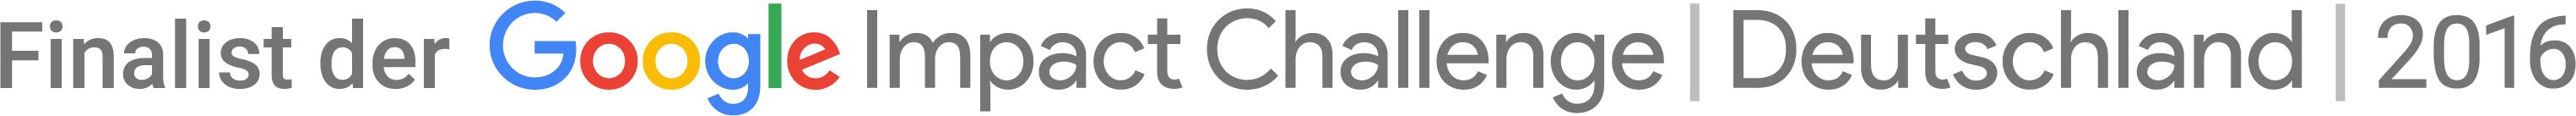 Finalist der Google Impact Challenge 2016